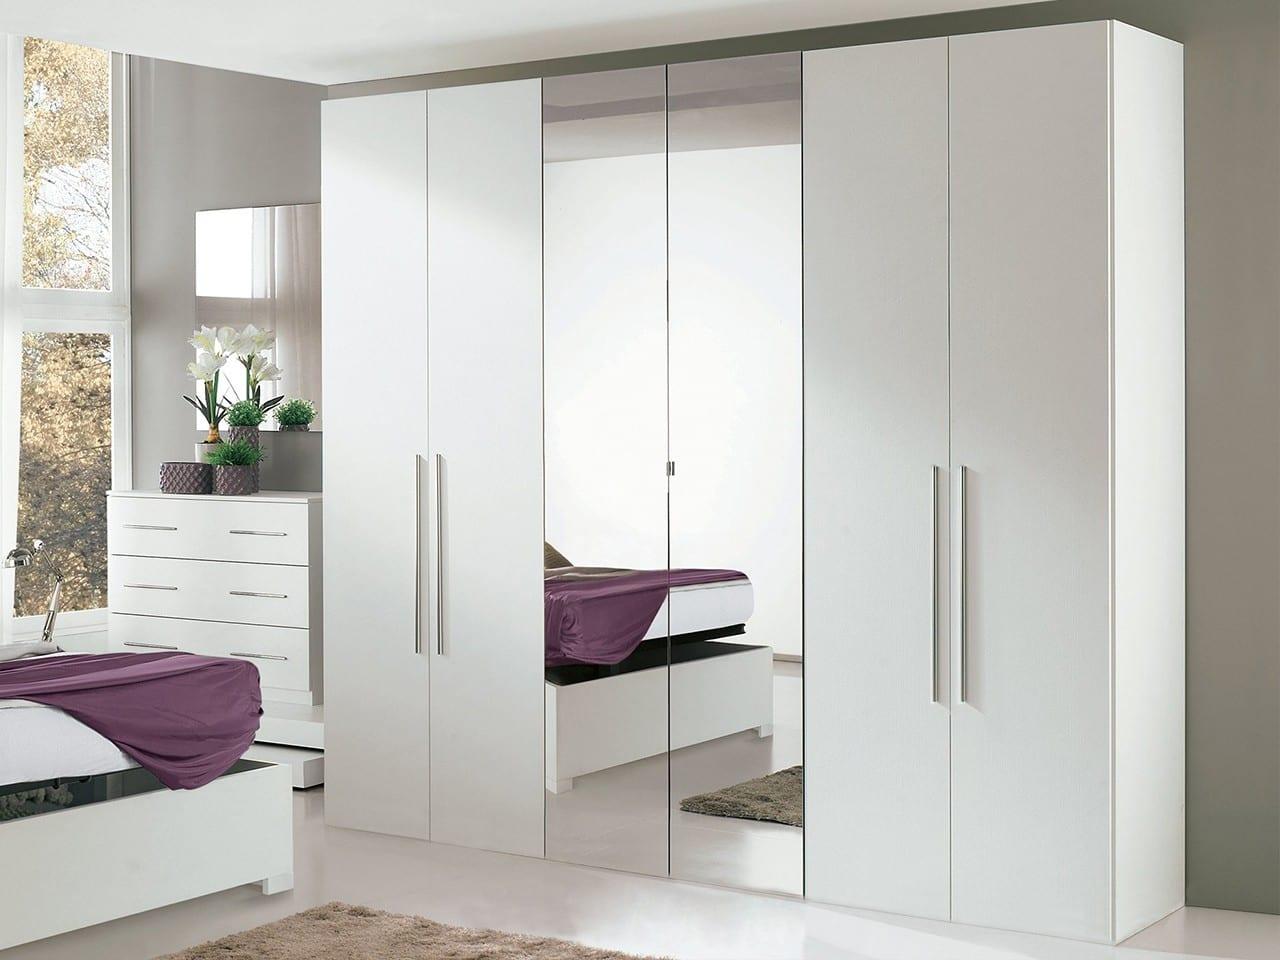 Elige el armario ideal para tu dormitorio